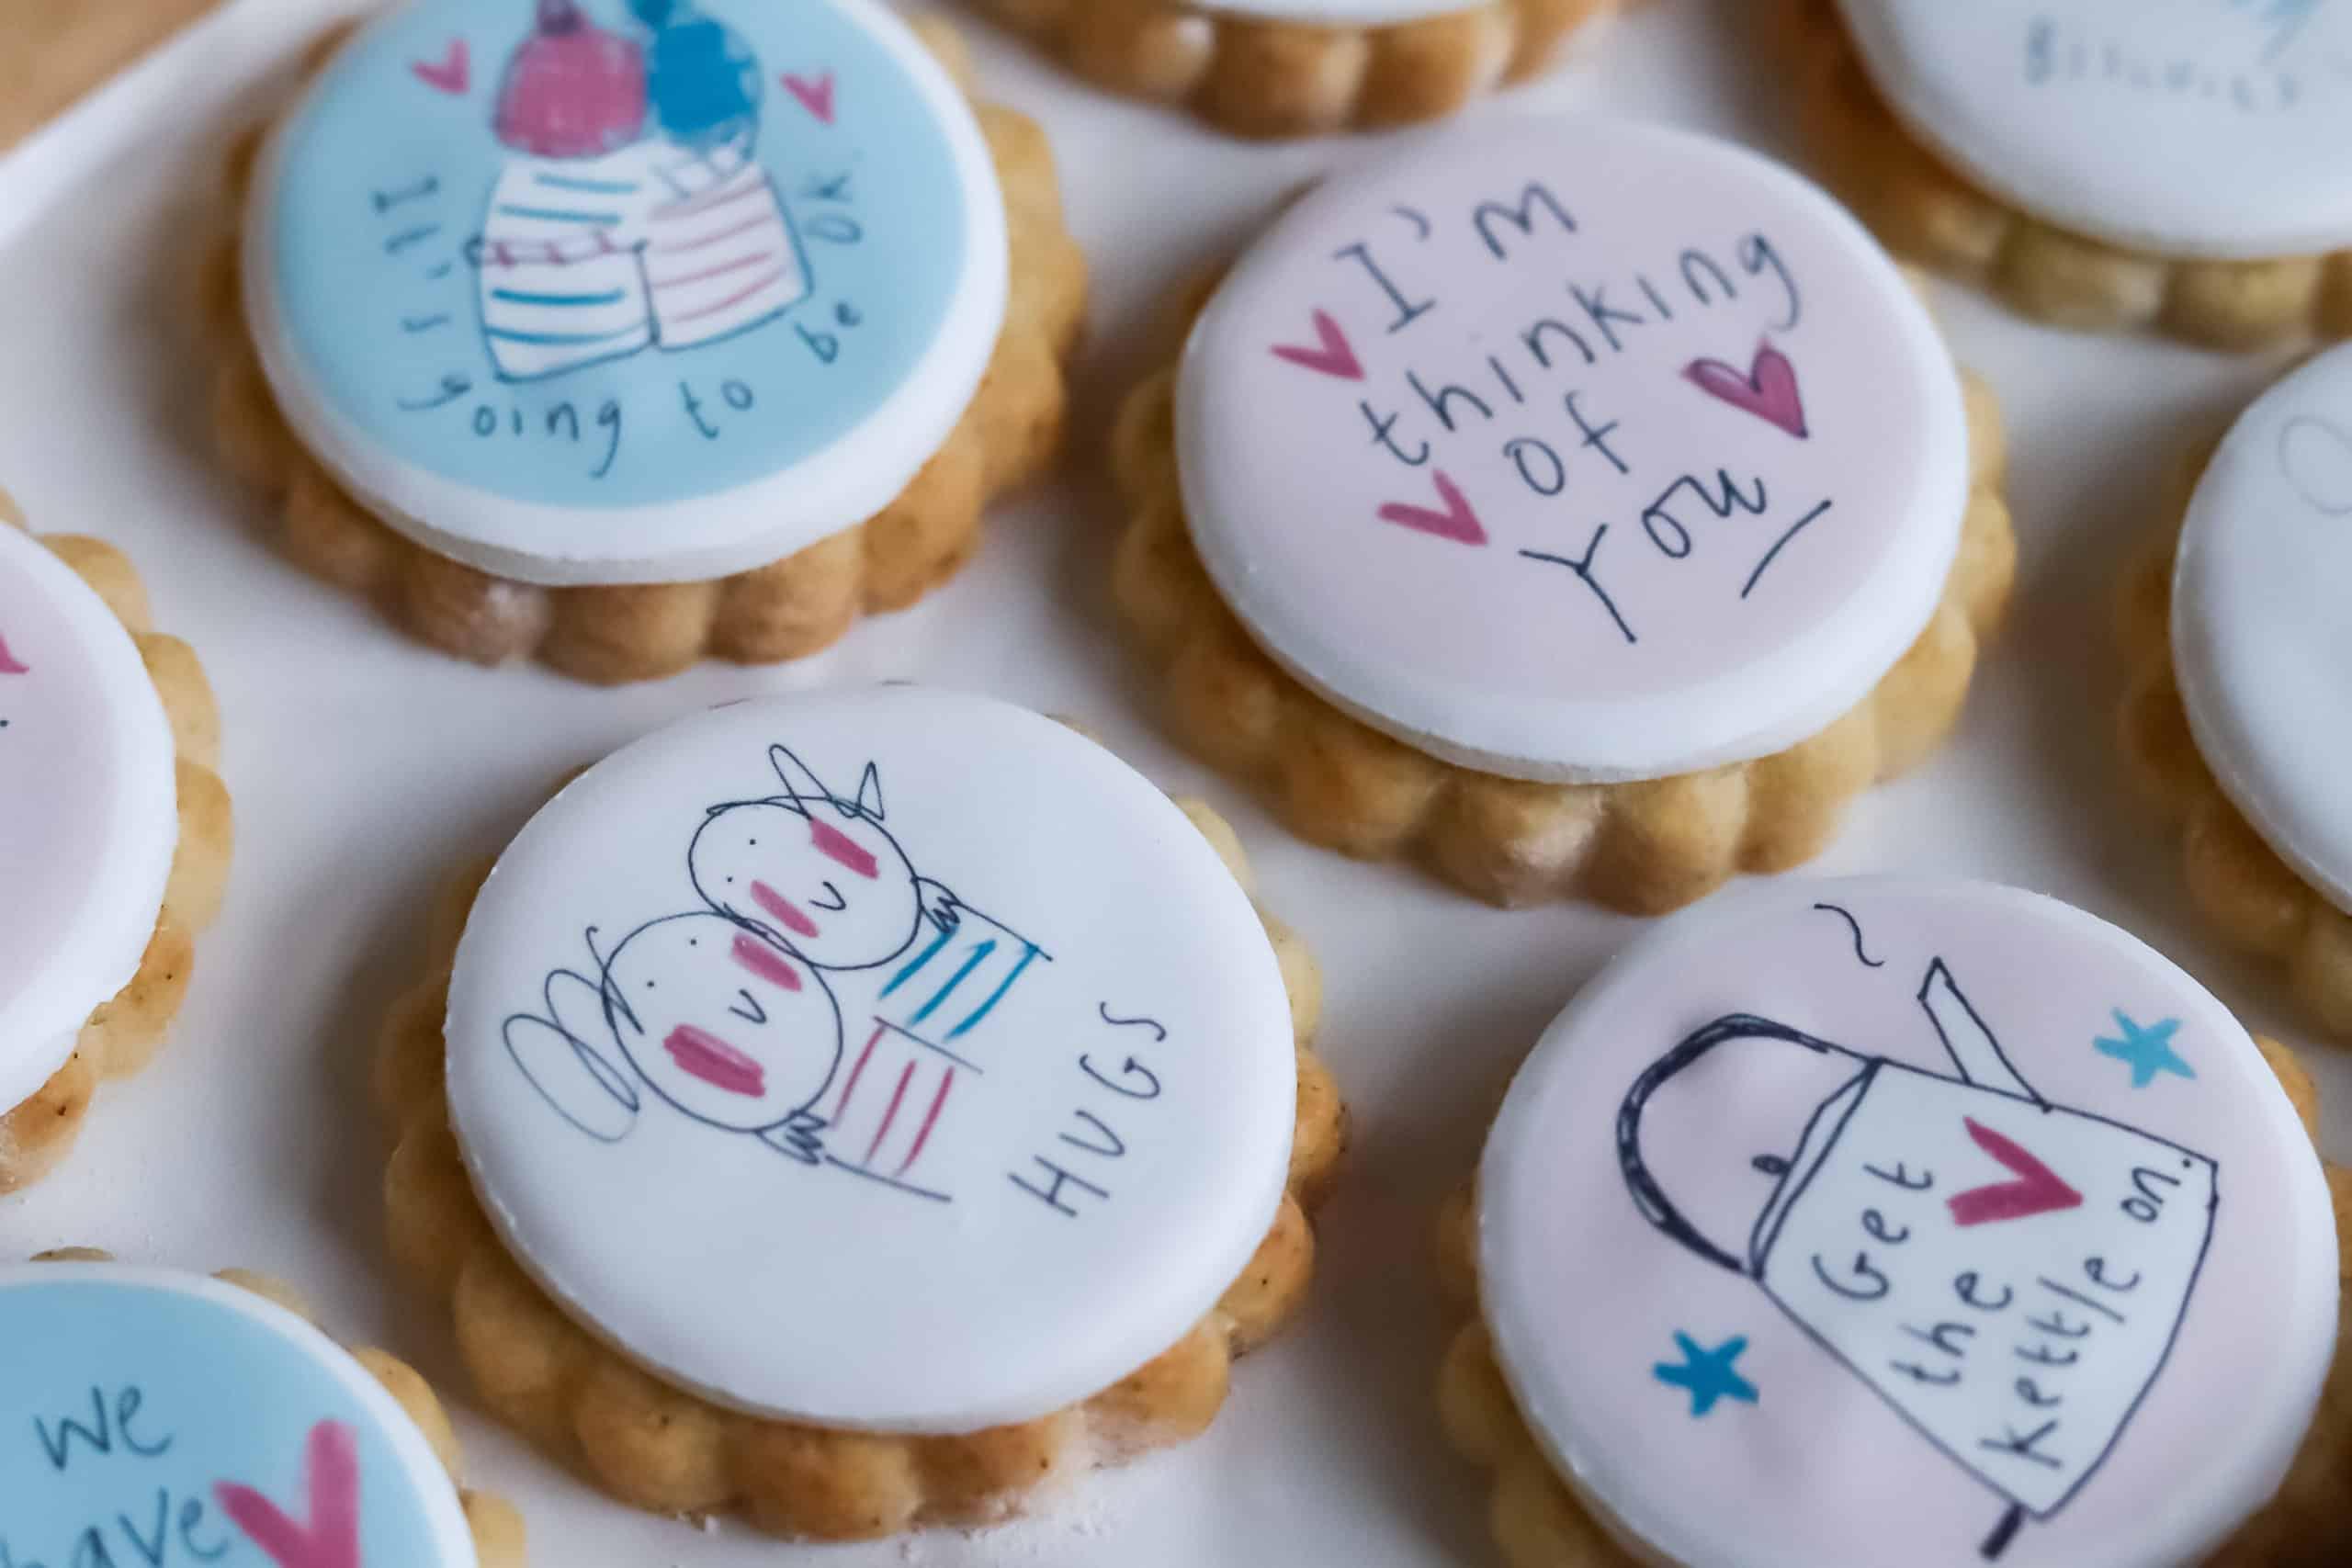 Sketchy Muma Virtual Hug Brownies & Biscuits Friendship Bundle